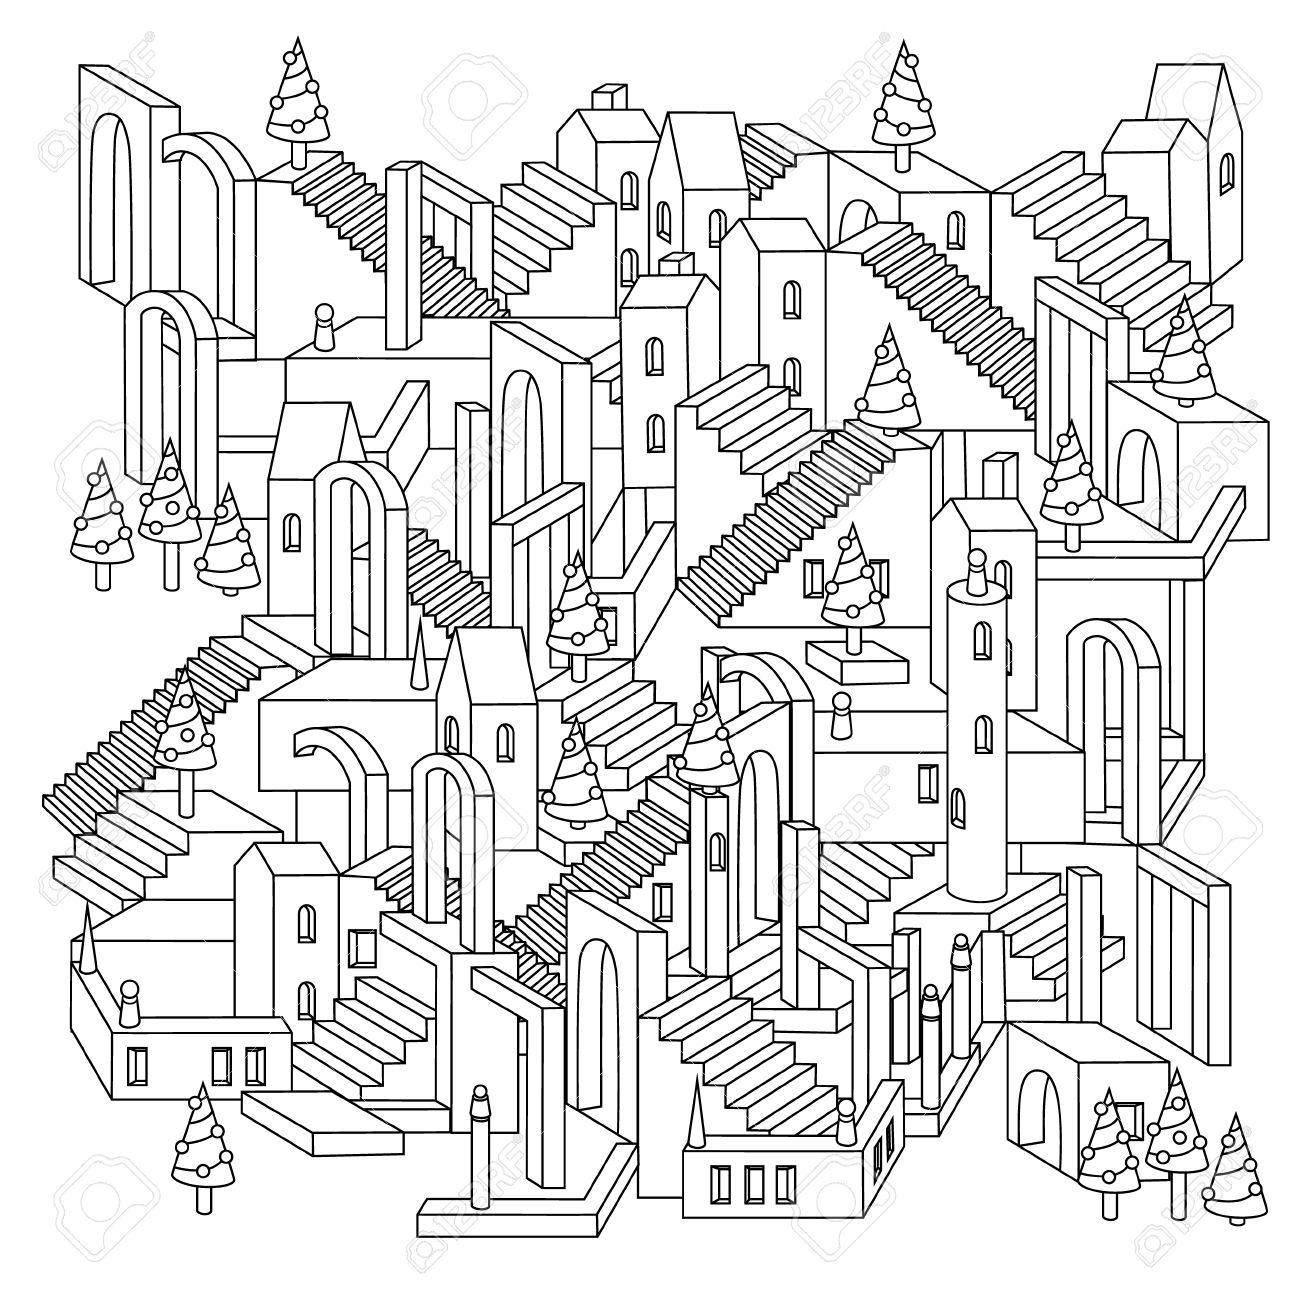 Dibujo De Un Laberinto Ciudad Irreal Inexistentes Con Casas, Muros Y ...